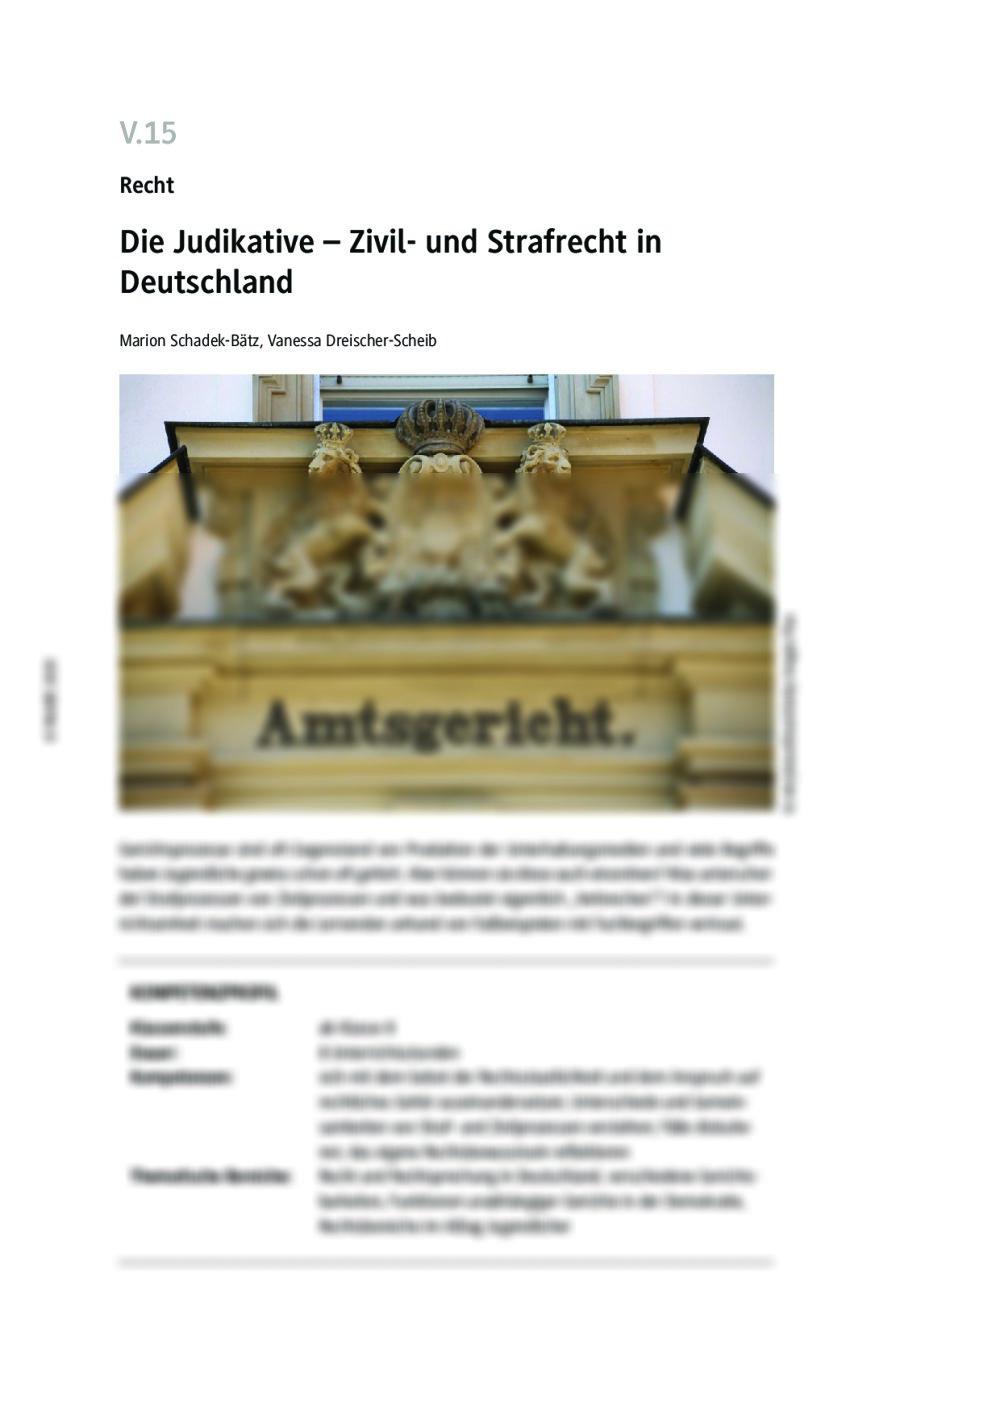 Die Judikative - Seite 1